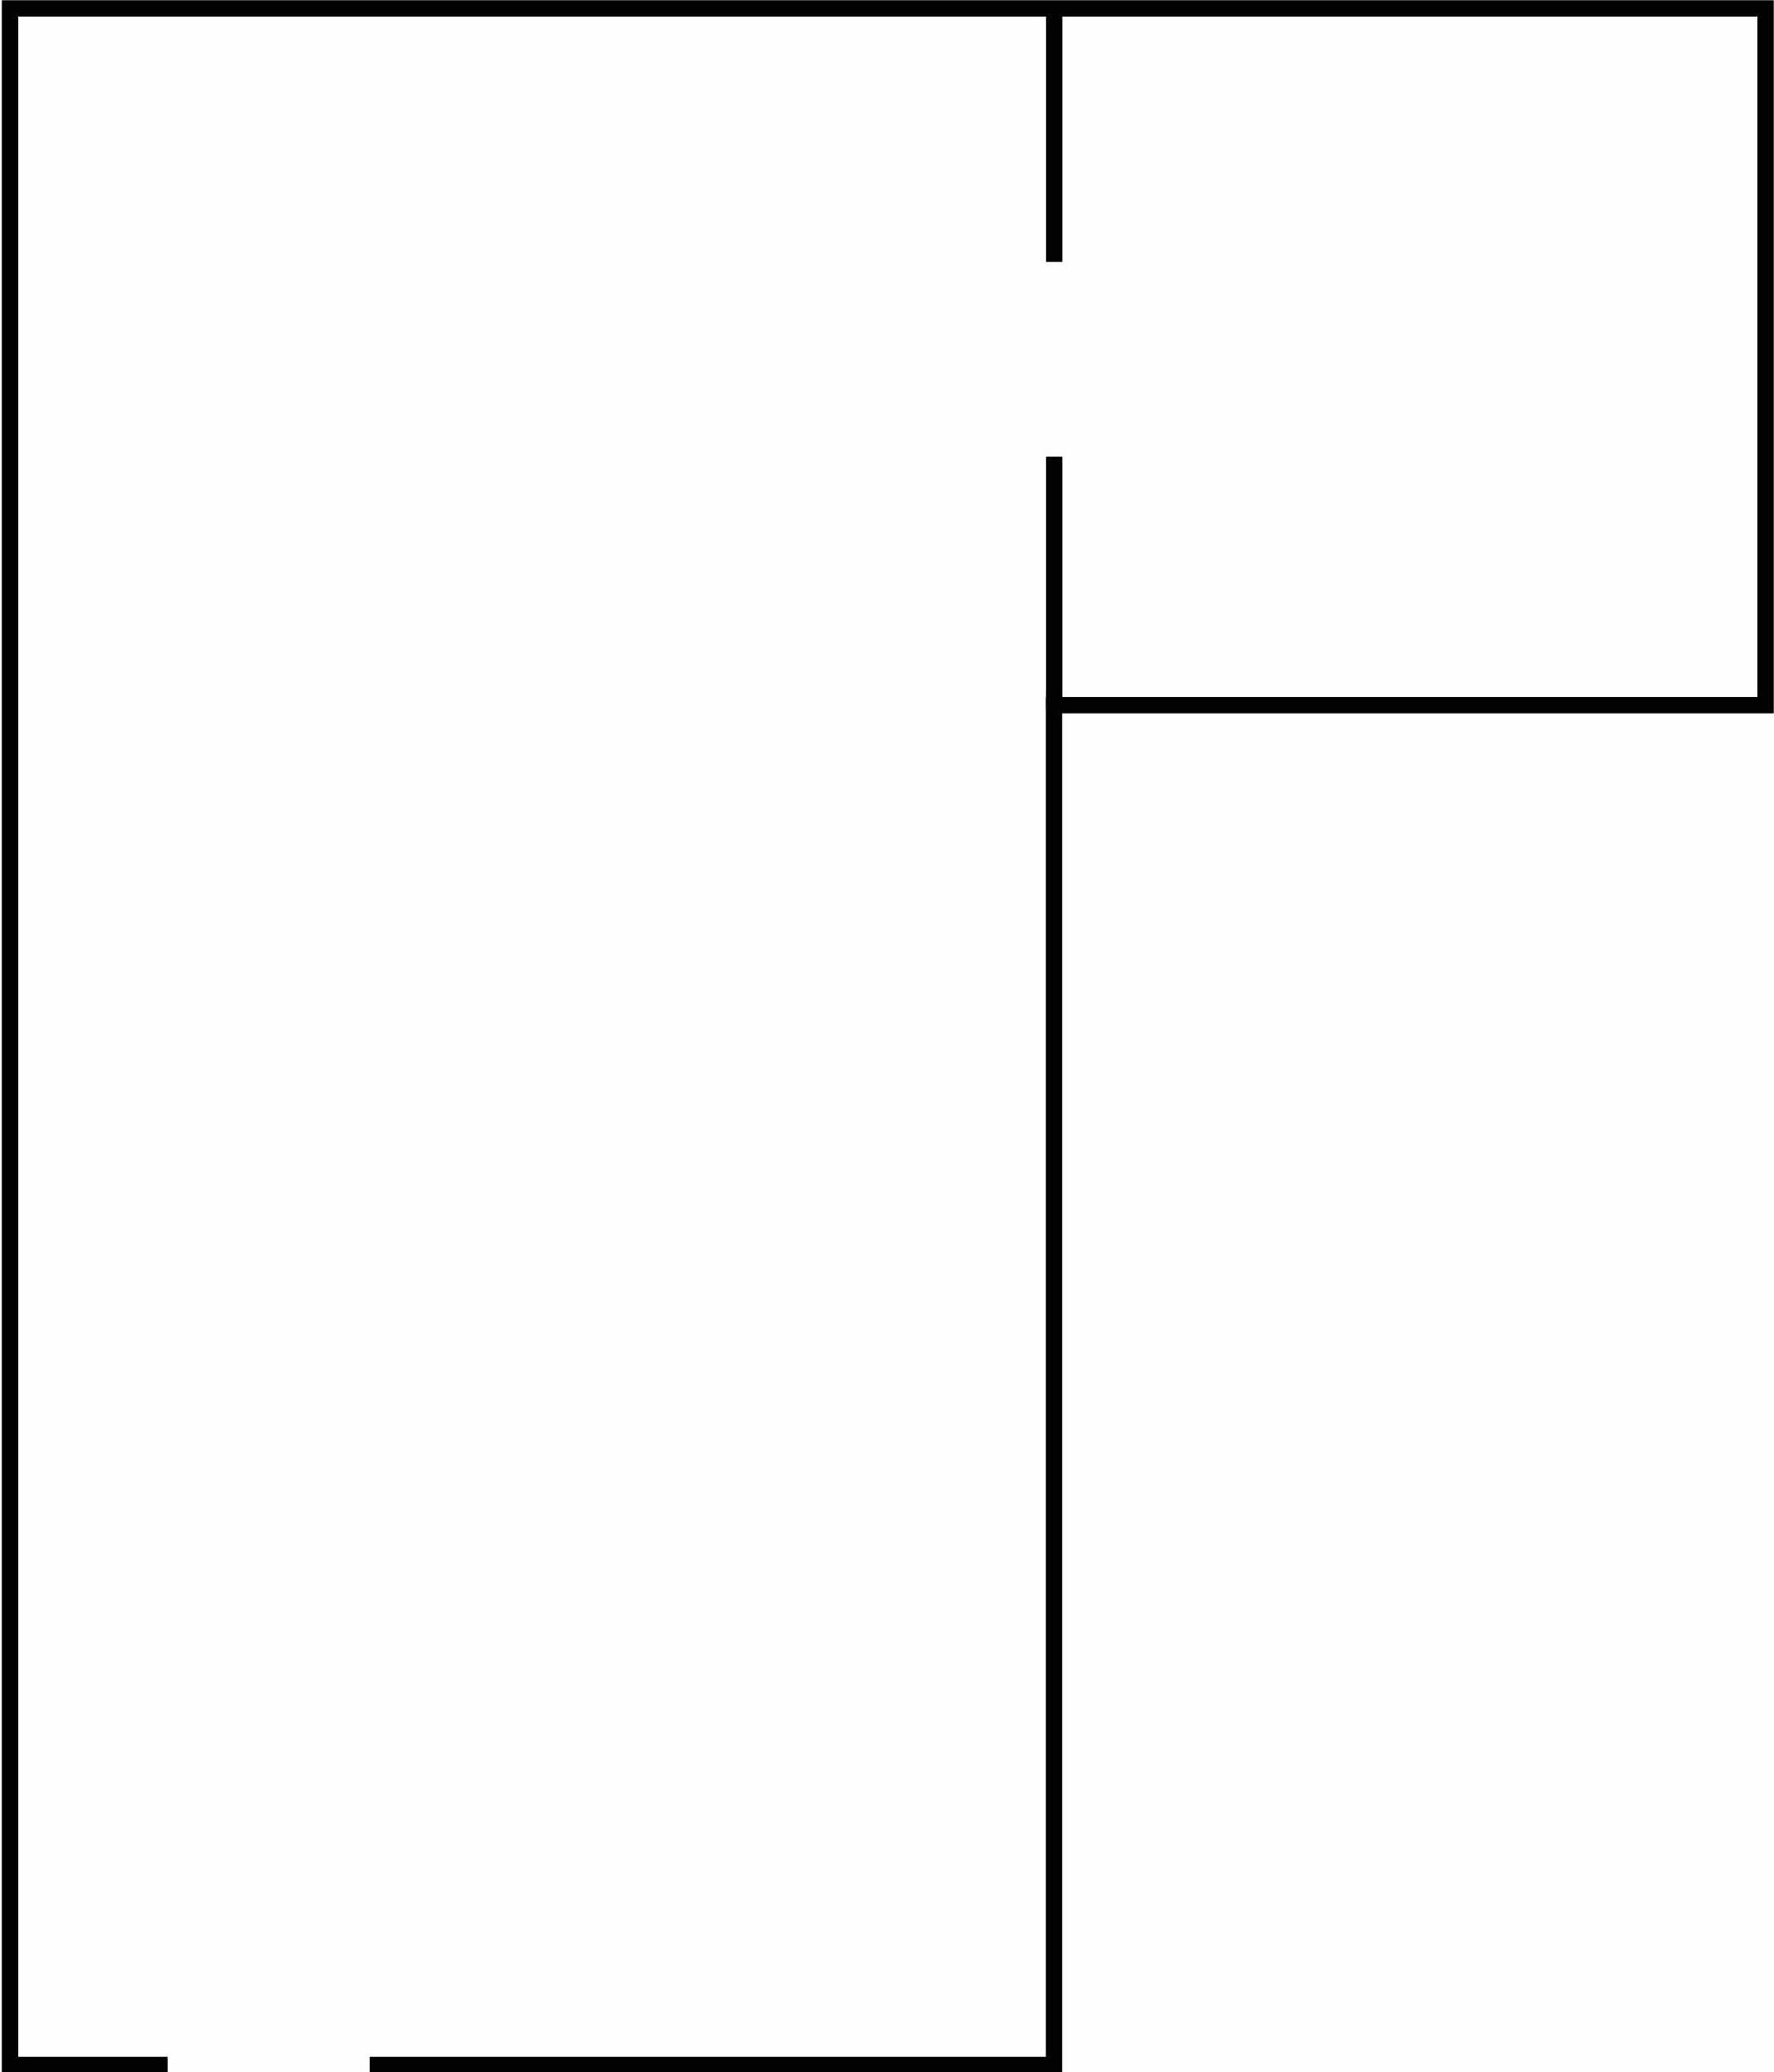 950-E-Cordova_gallery-map_dimensions_2018.jpg#asset:17540